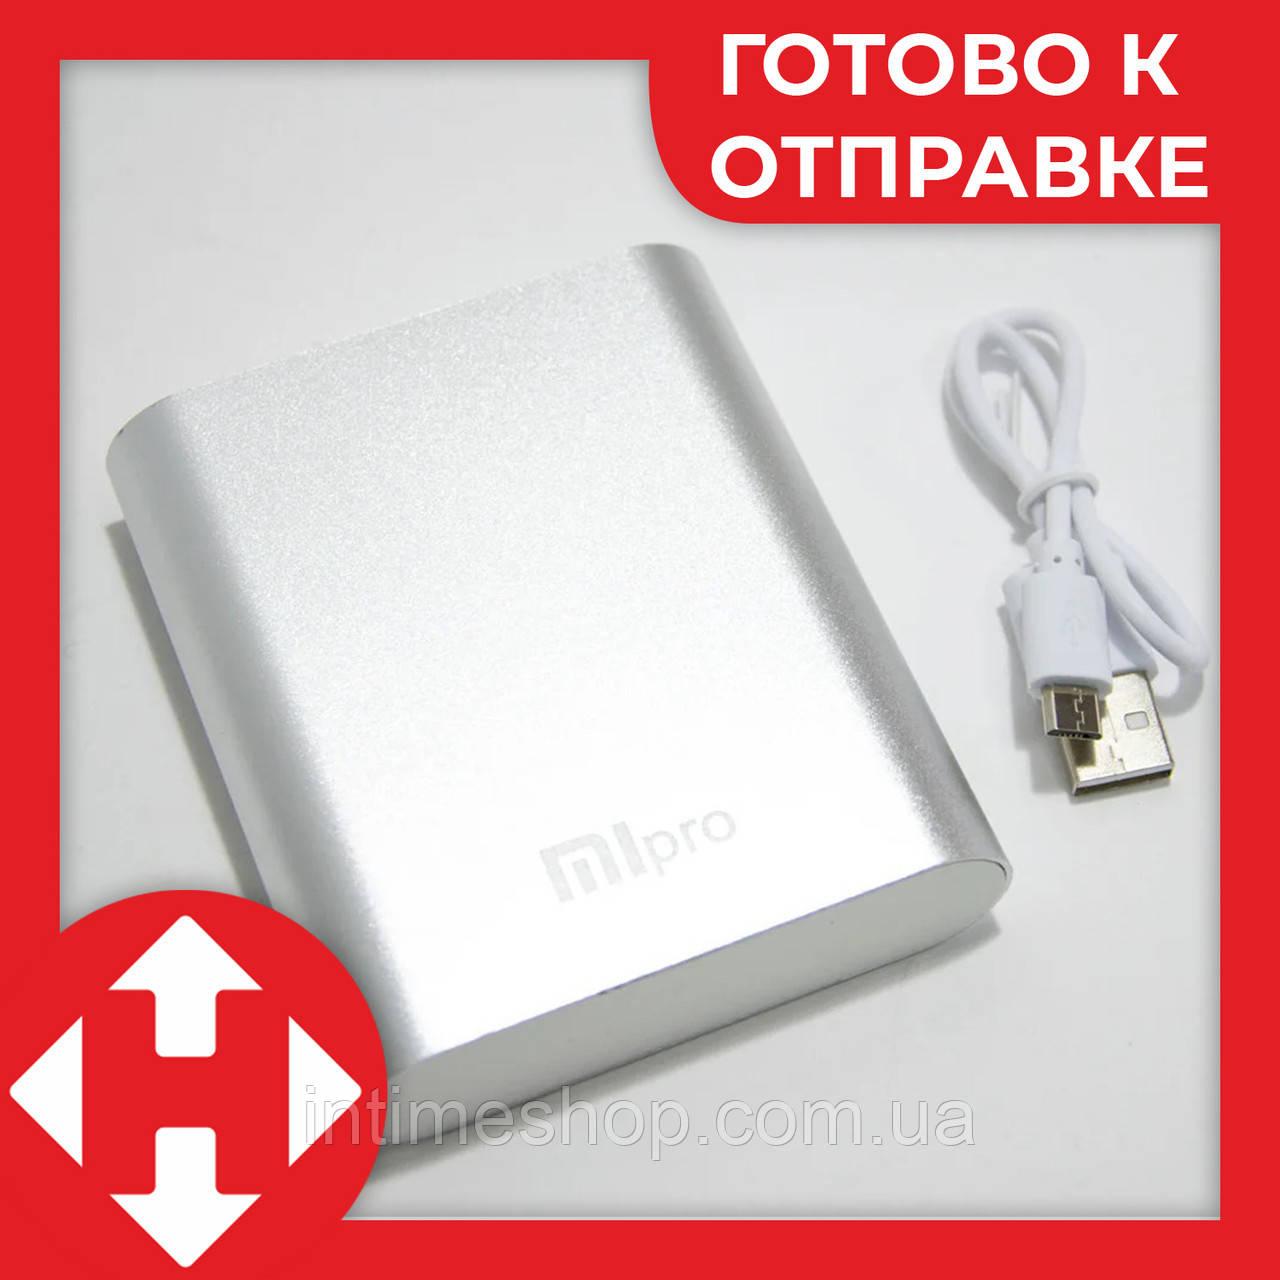 Пауэр банк, Xiaomi power bank, MiPro 2173, 10400 mAh, Silver, мощный повербанк для телефона